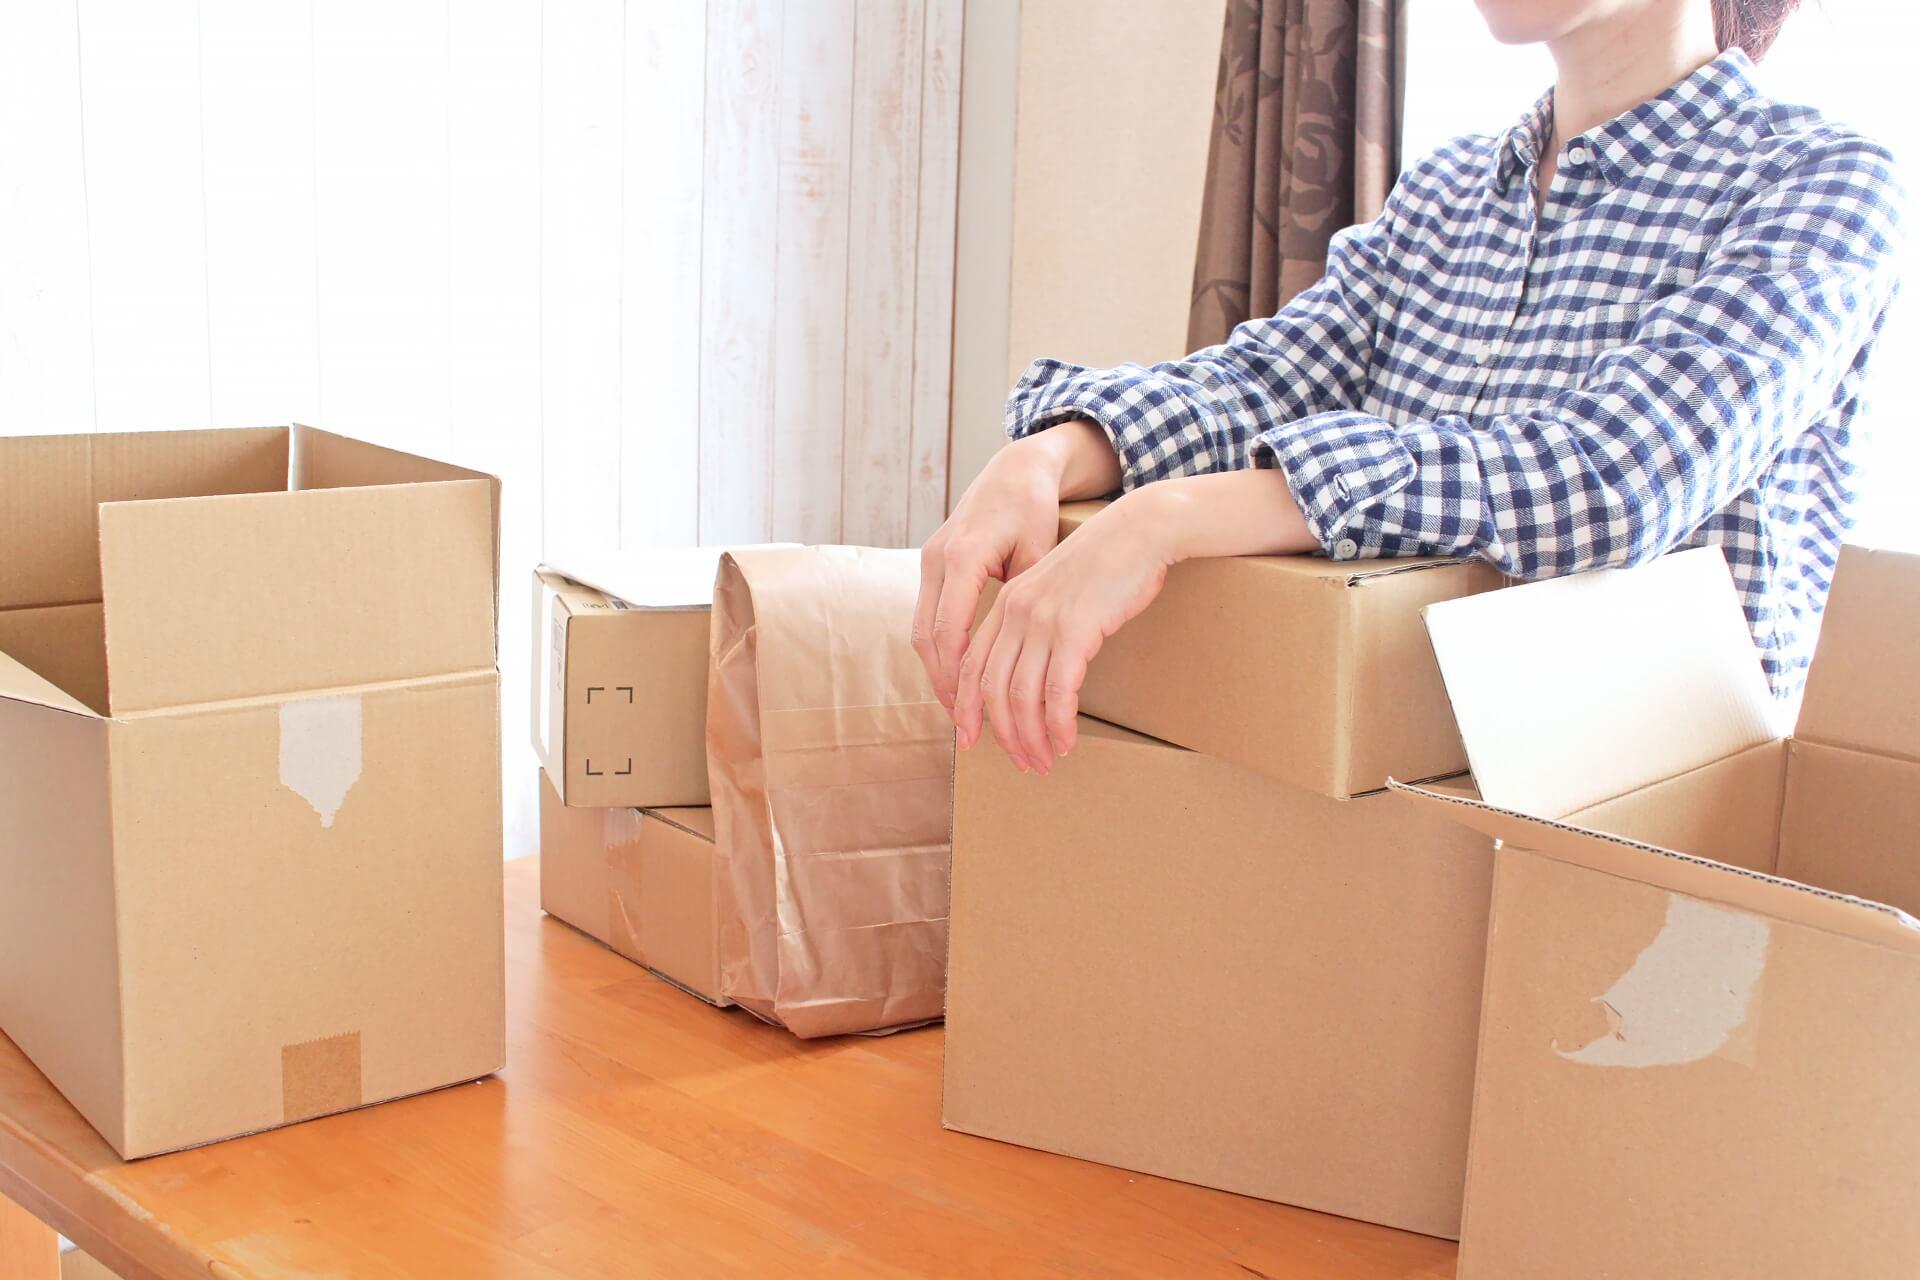 引っ越しにおける手続きや準備などの手順を解説します